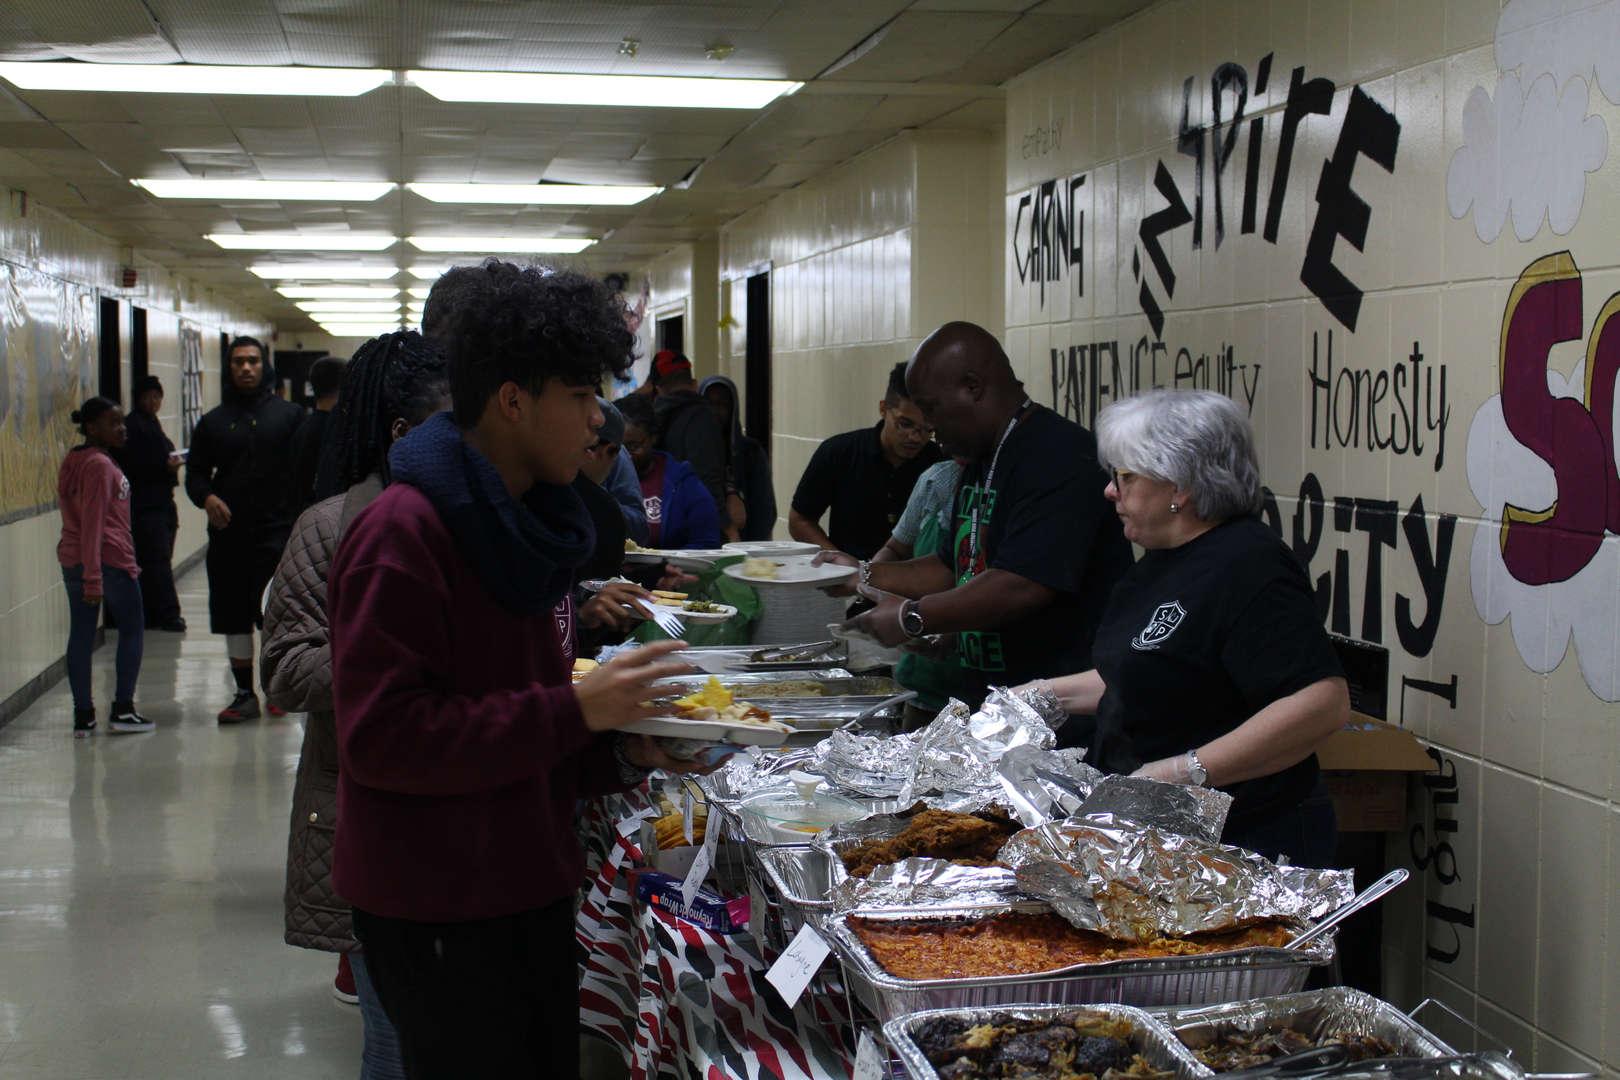 Teachers serving food Thanksgiving Feast 2017